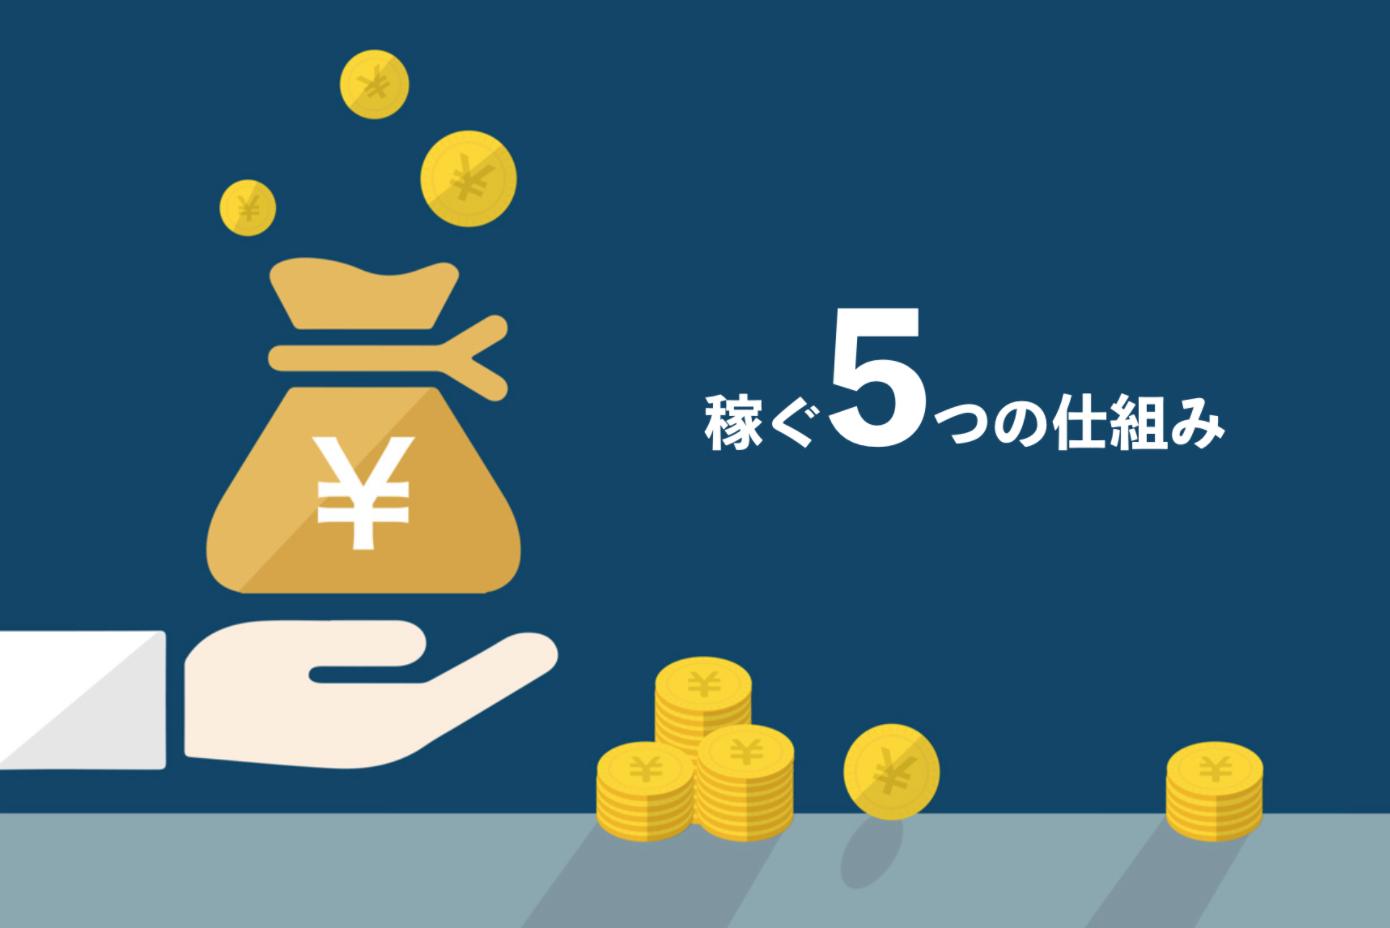 ブログでお金を稼ぐ5つの仕組み